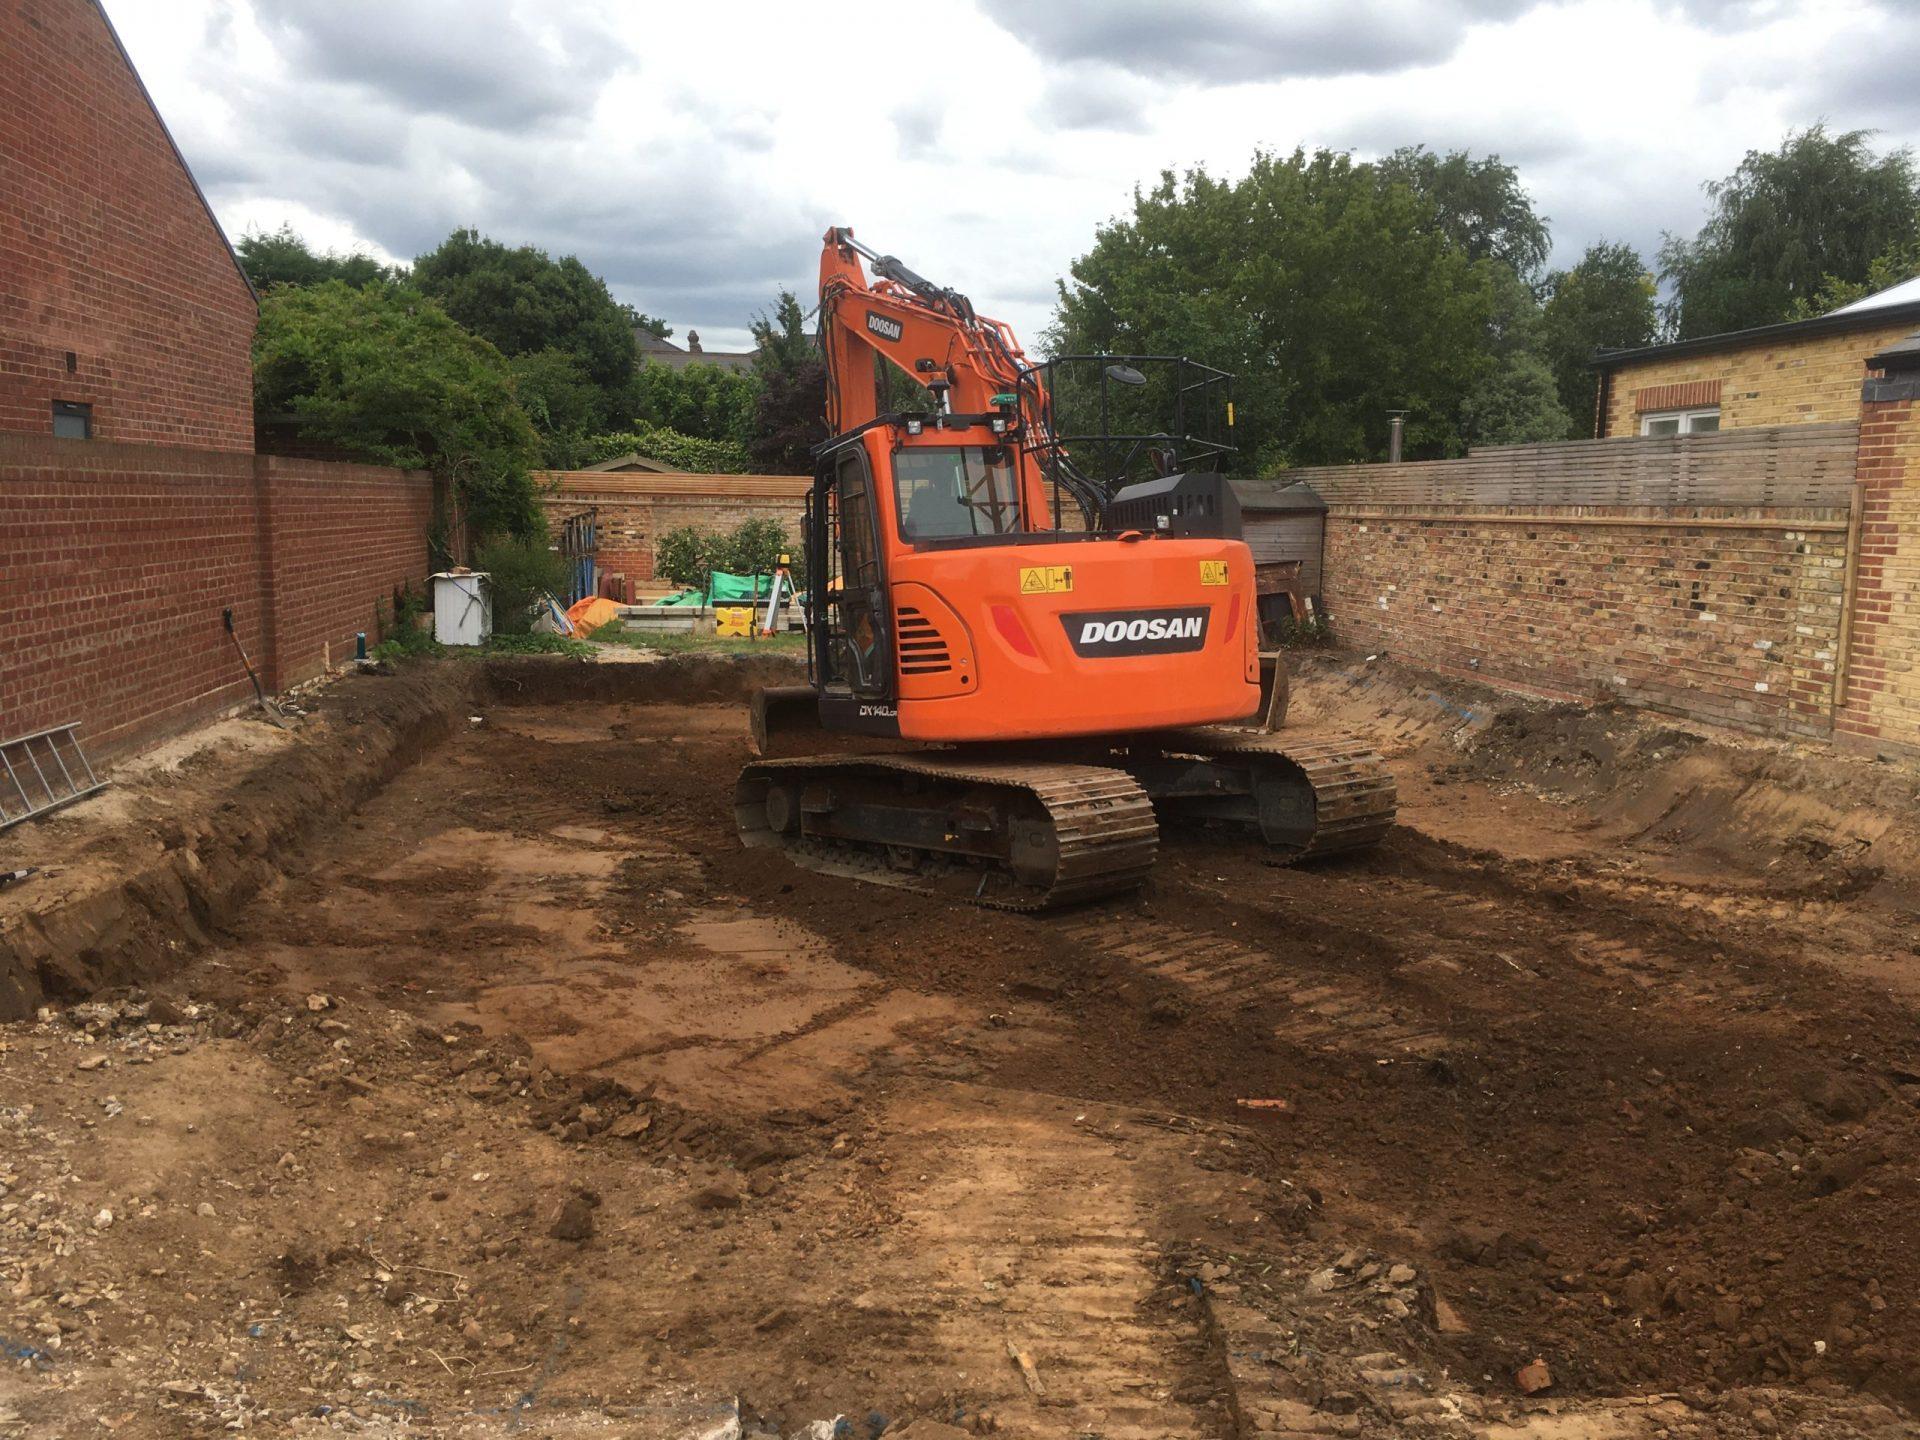 Thames Dismantling house demolition site